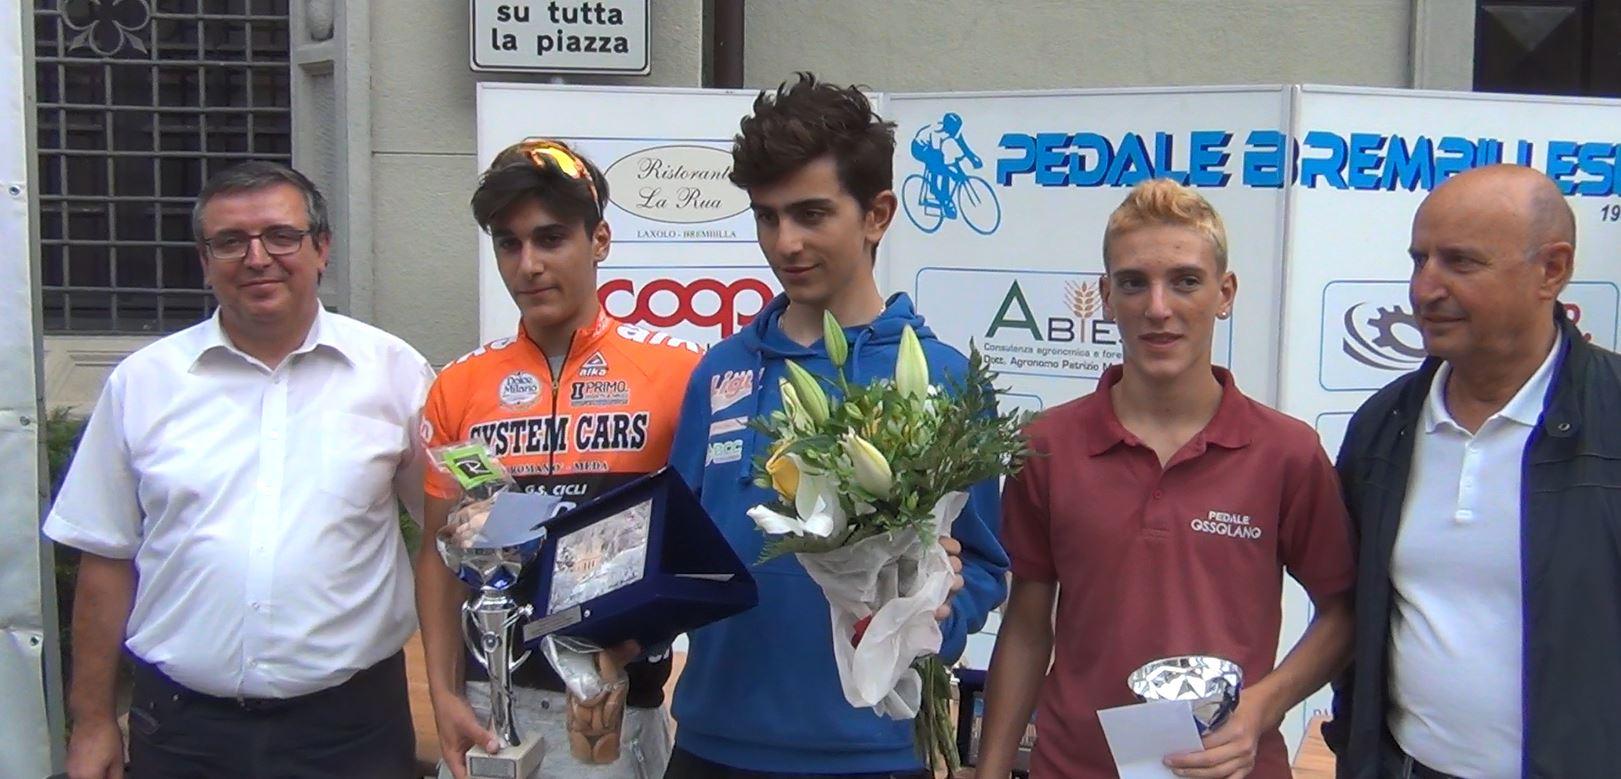 Il podio Esordienti 2° anno della cronometro di San Pellegrino Terme vinta da Dario Igor Belletta